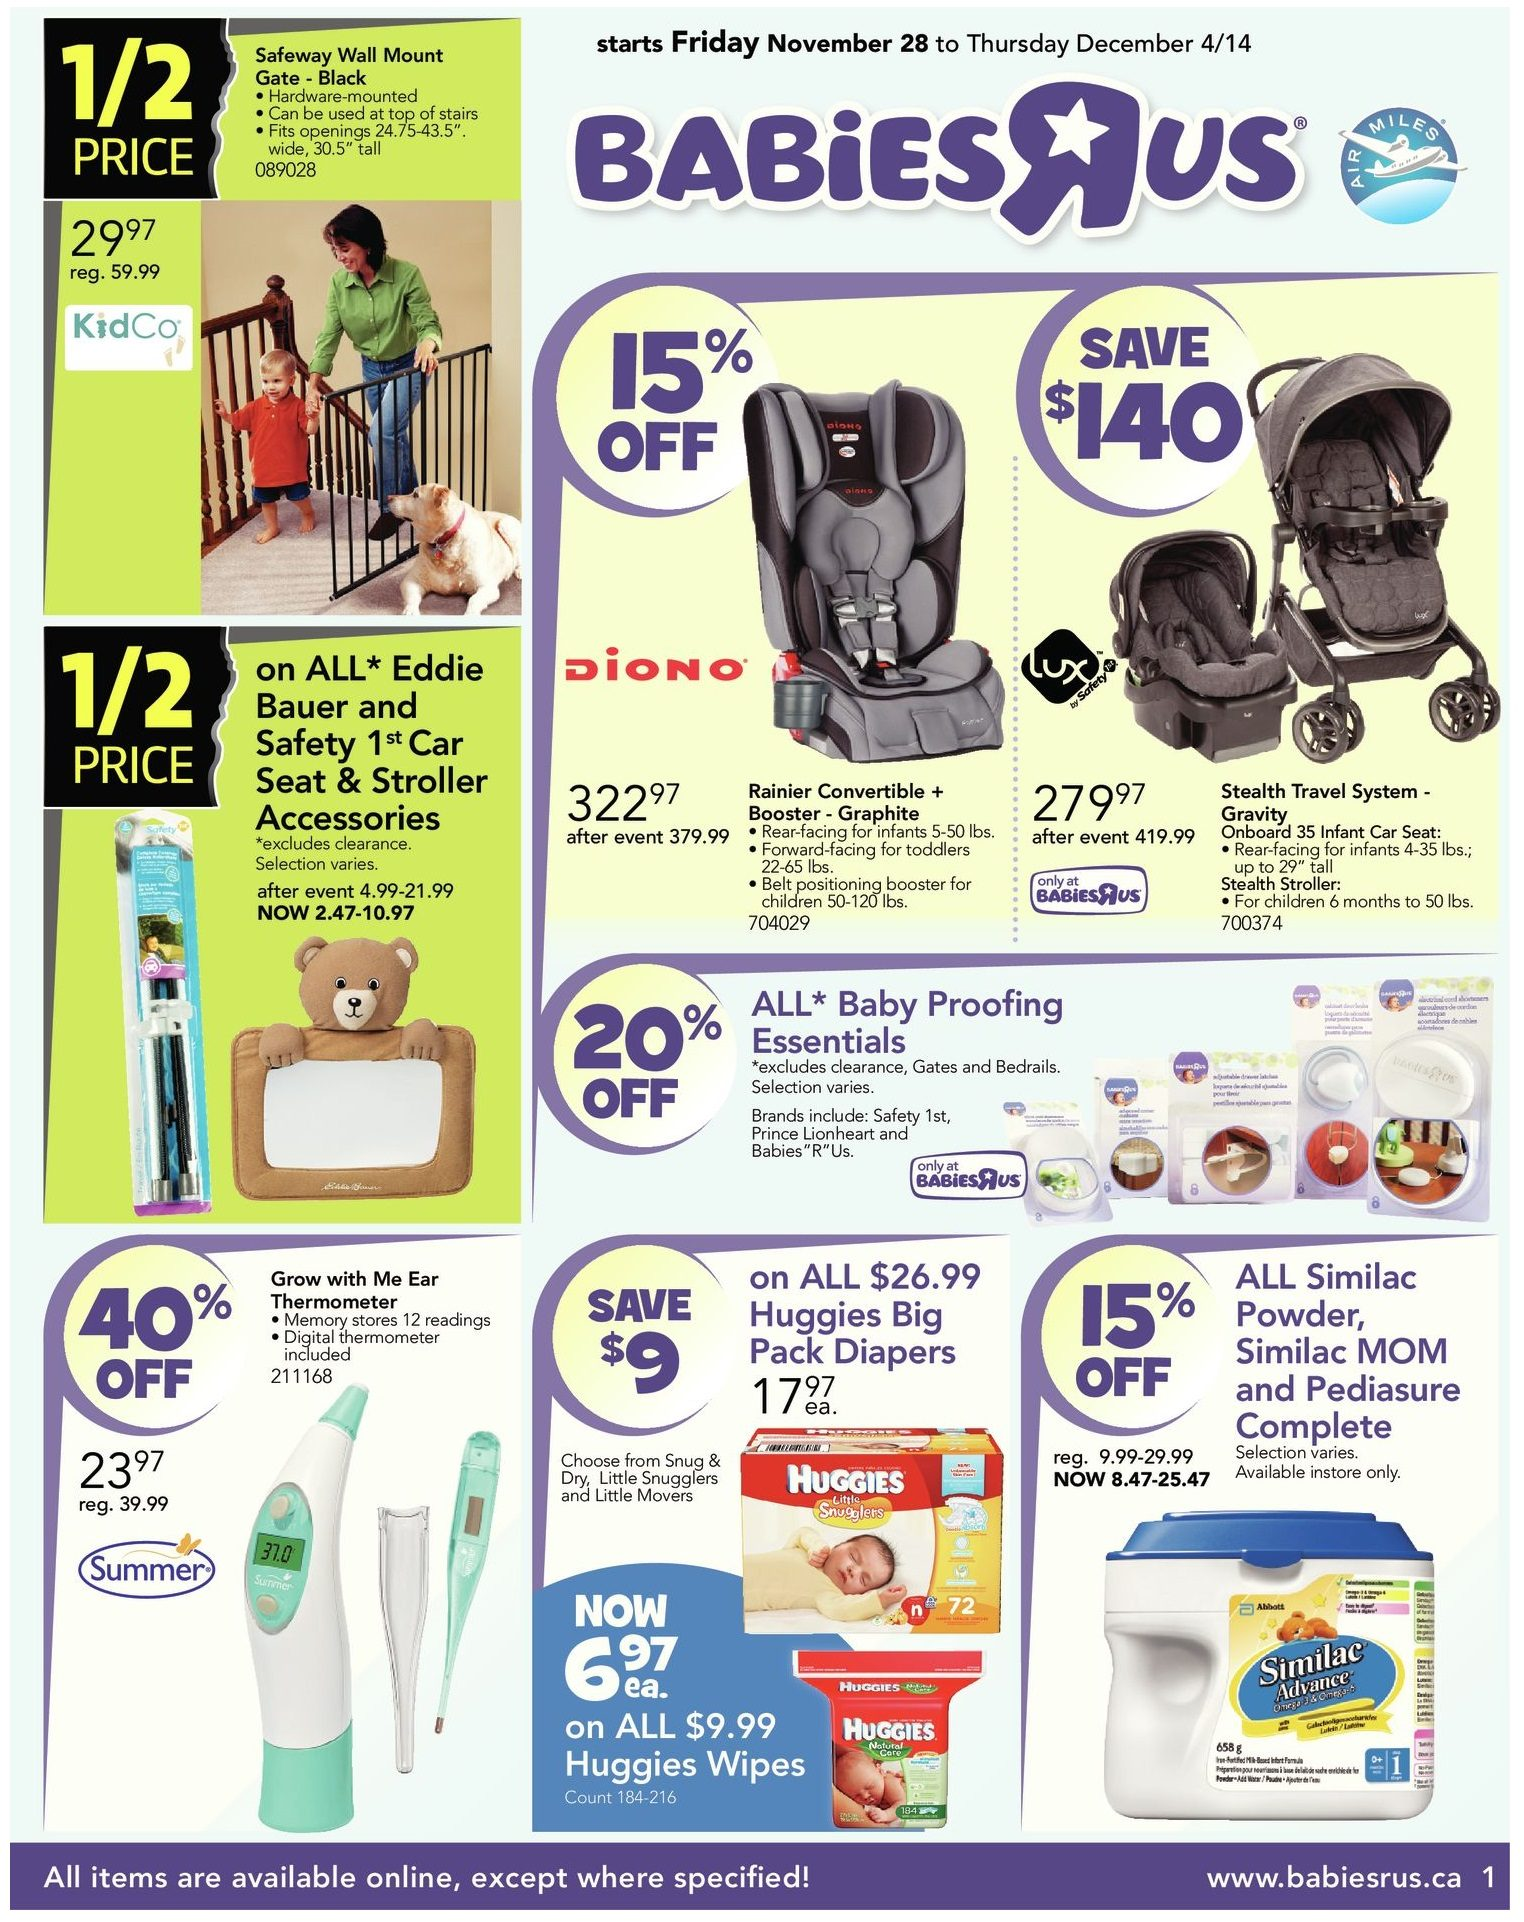 Babies R Us Weekly Flyer Black Friday Week Long Deals Nov 28